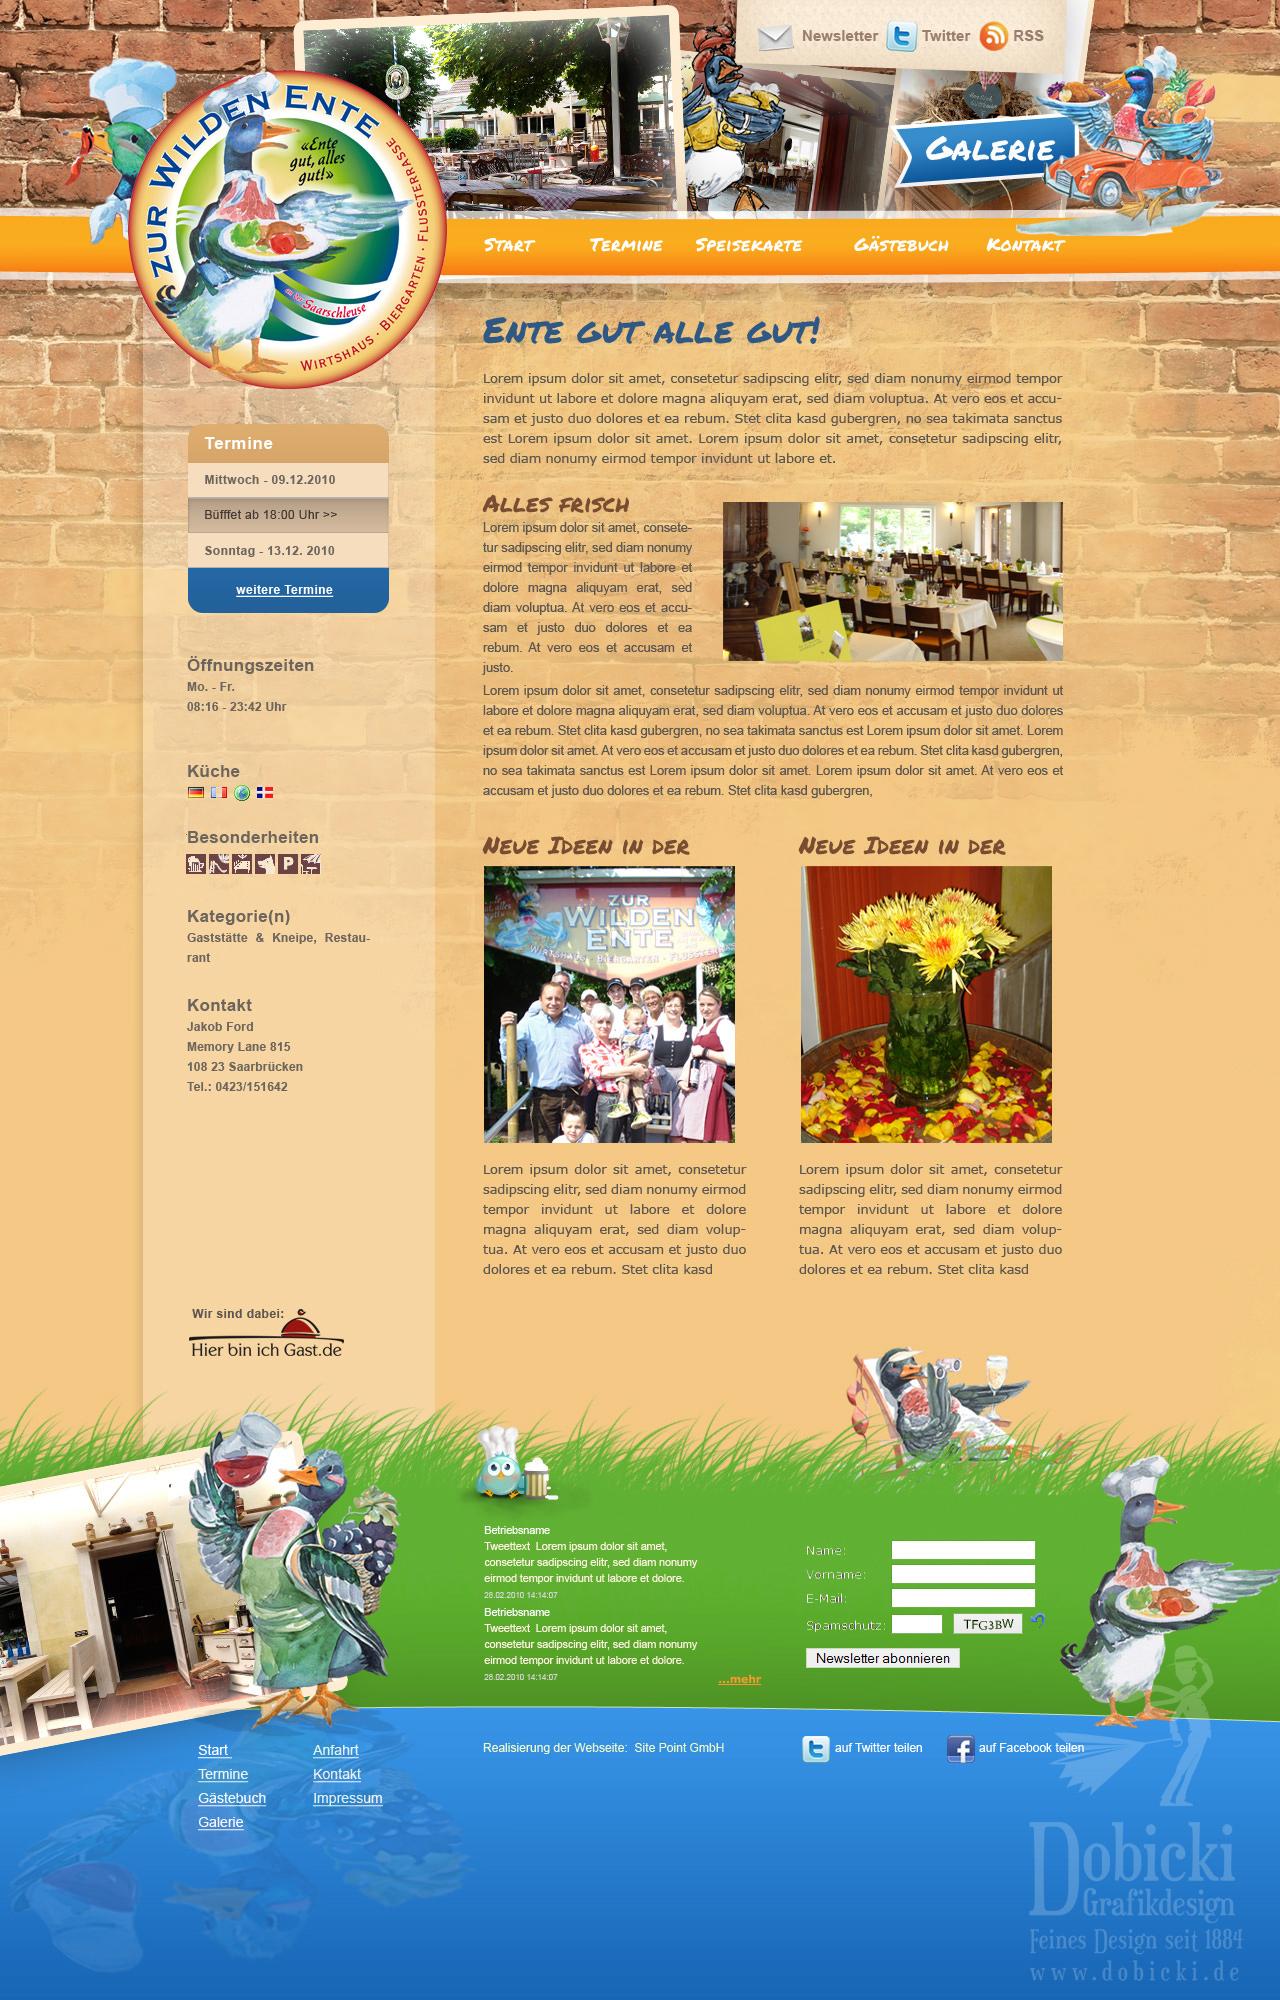 web_weilde-ente_mit-backsteinmauer-1.jpg